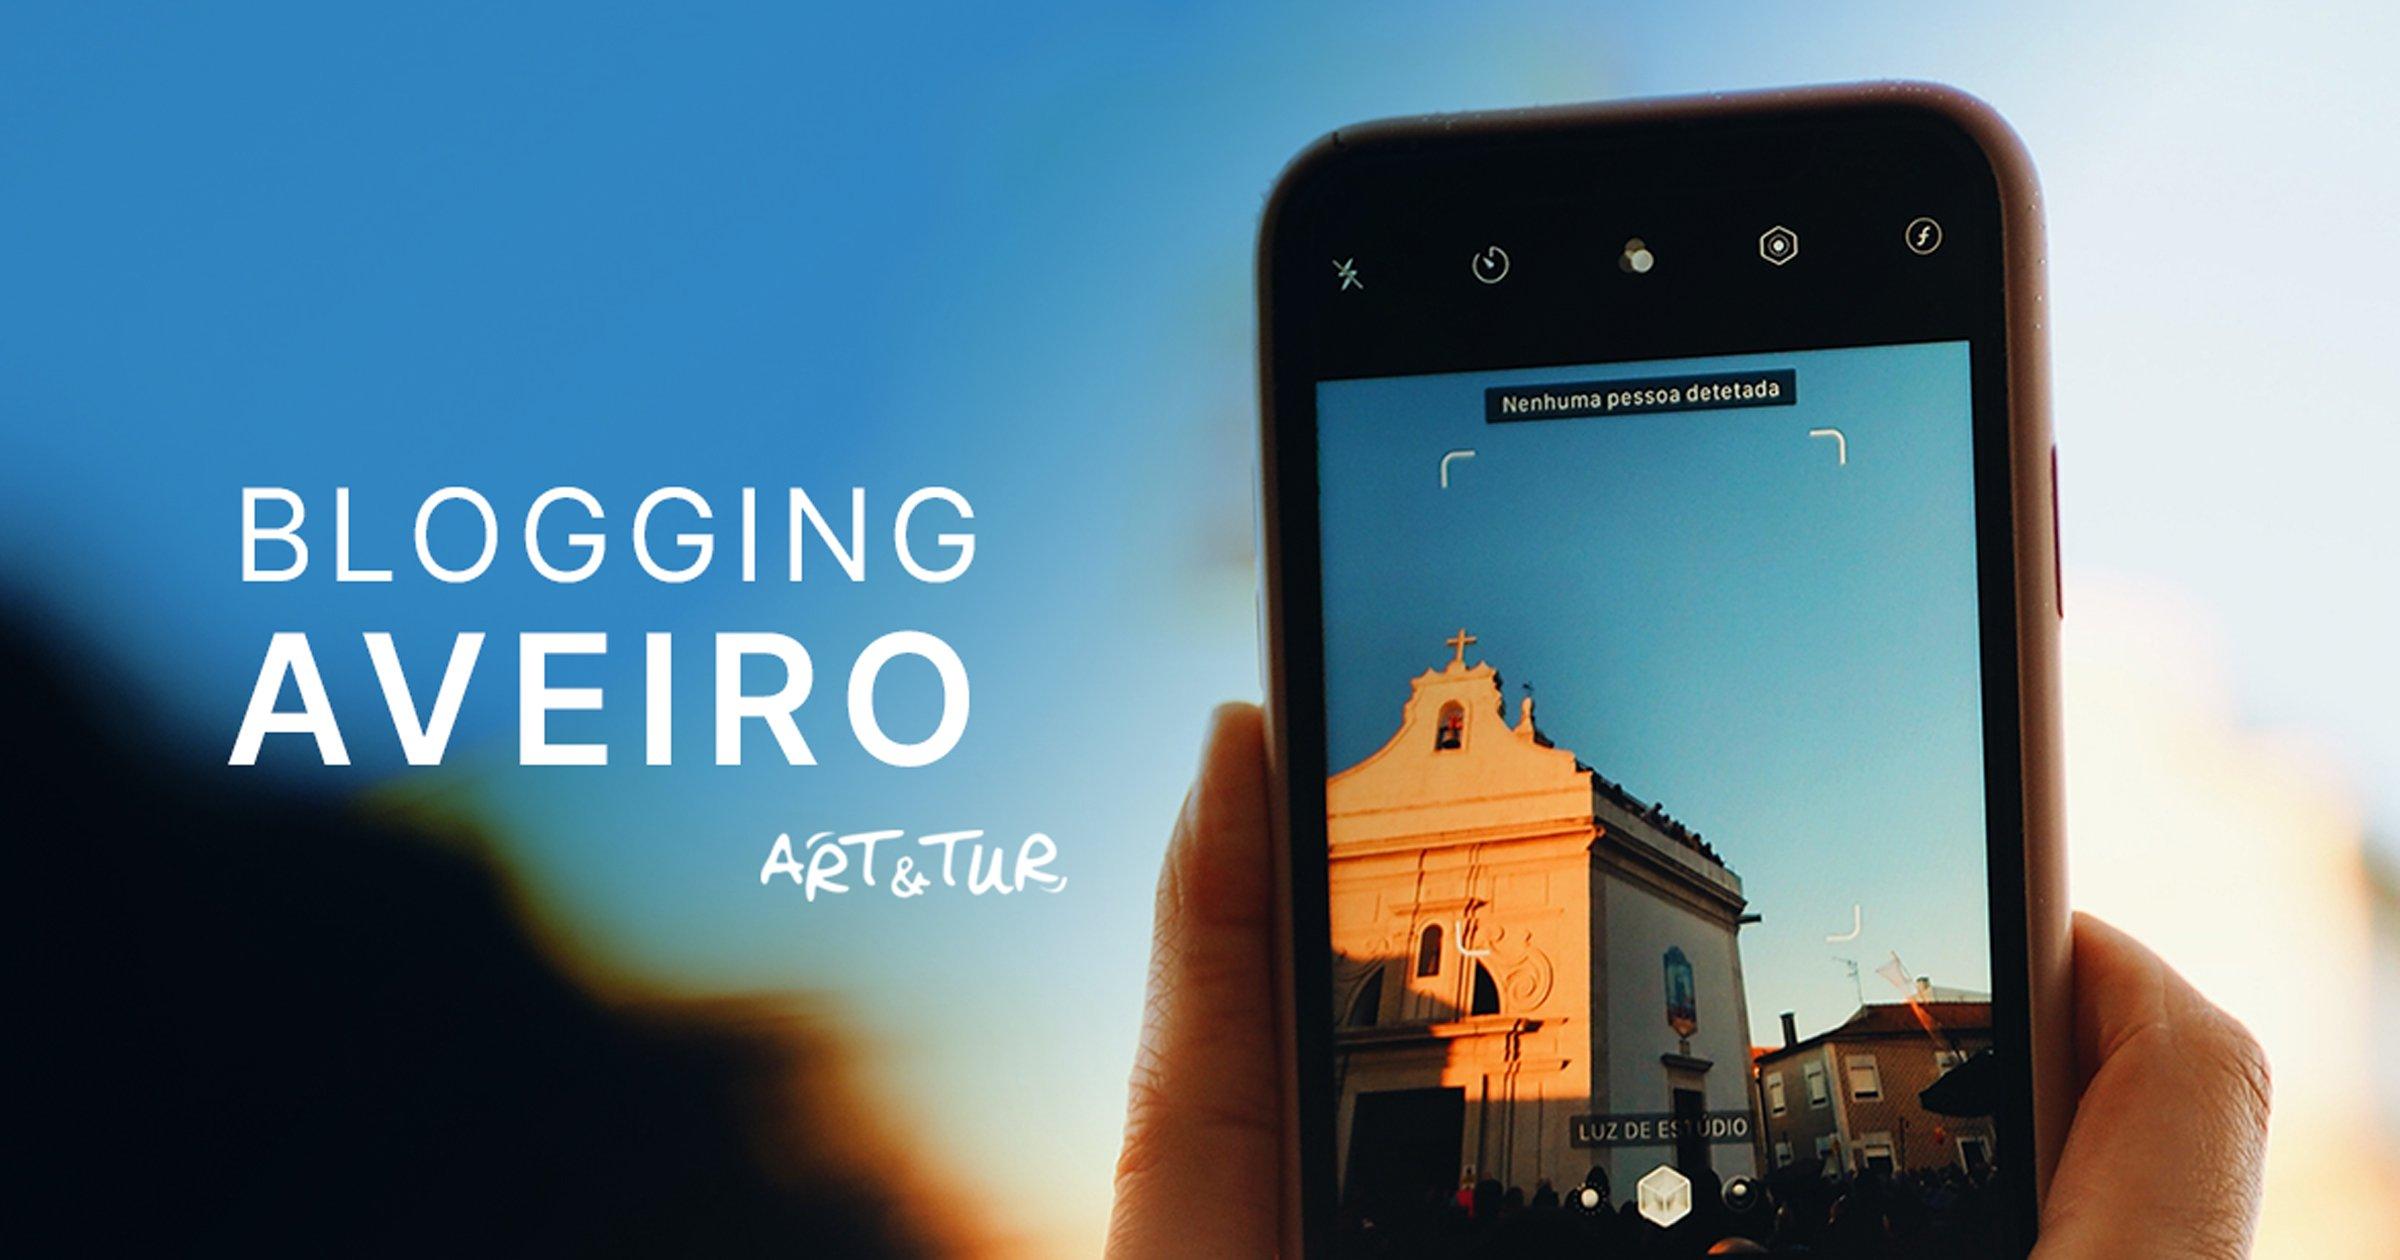 blogging aveiro 2021 cartaz